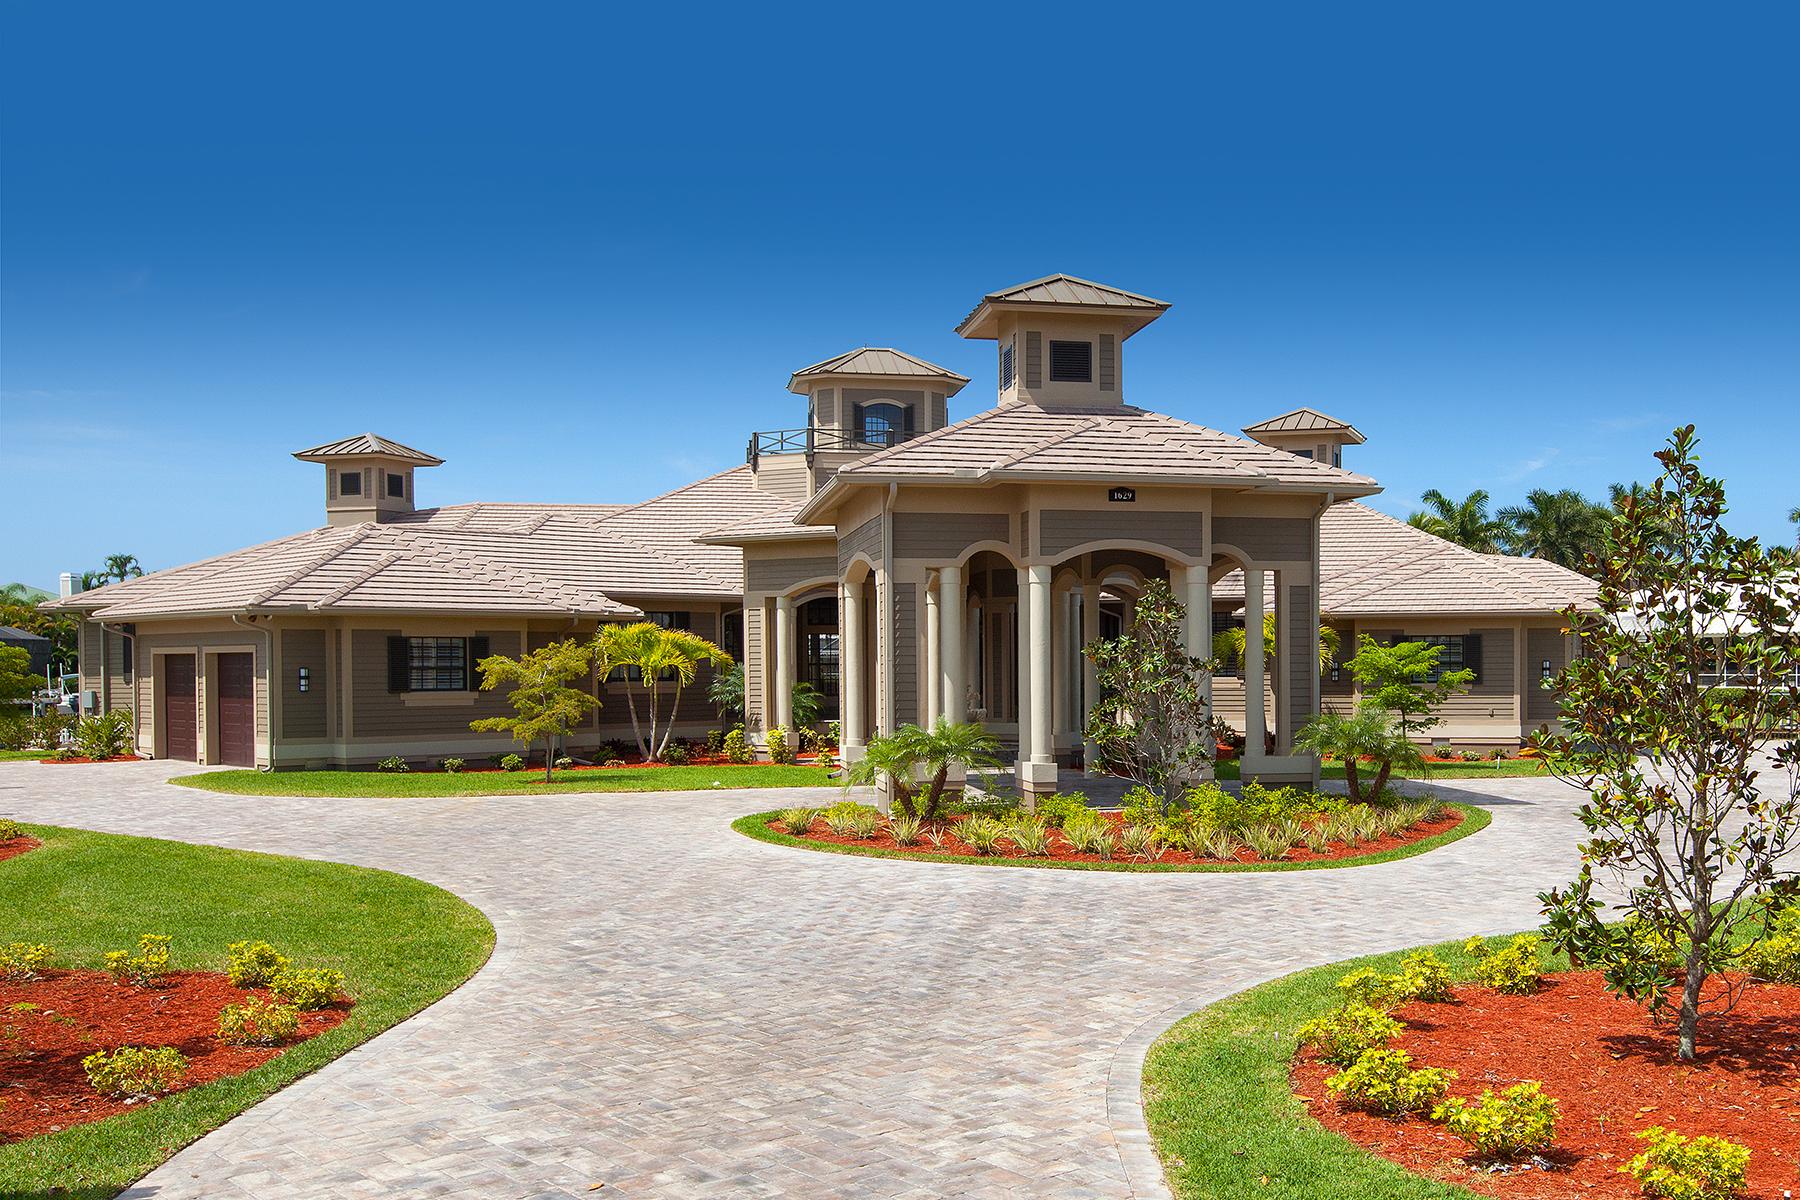 Частный односемейный дом для того Продажа на MARCO ISLAND 1629 Mcilvaine Ct Marco Island, Флорида, 34145 Соединенные Штаты